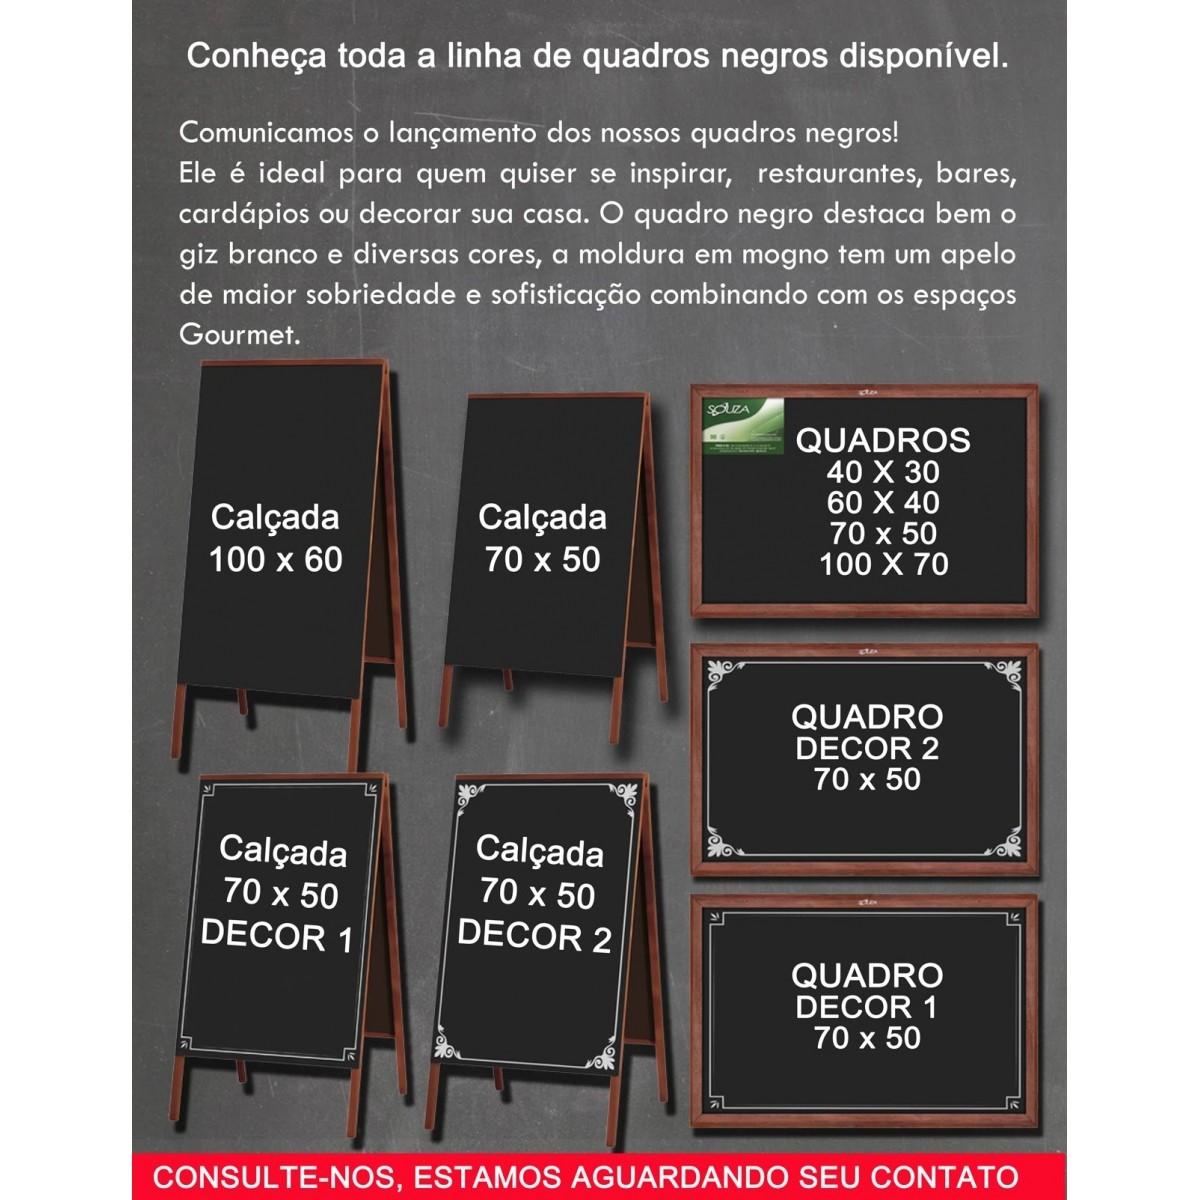 Quadro Negro Moldura Madeira COR MOGNO 70 X 50 CM Detalhe DECOR 1 Referência 2105 - SOUZA